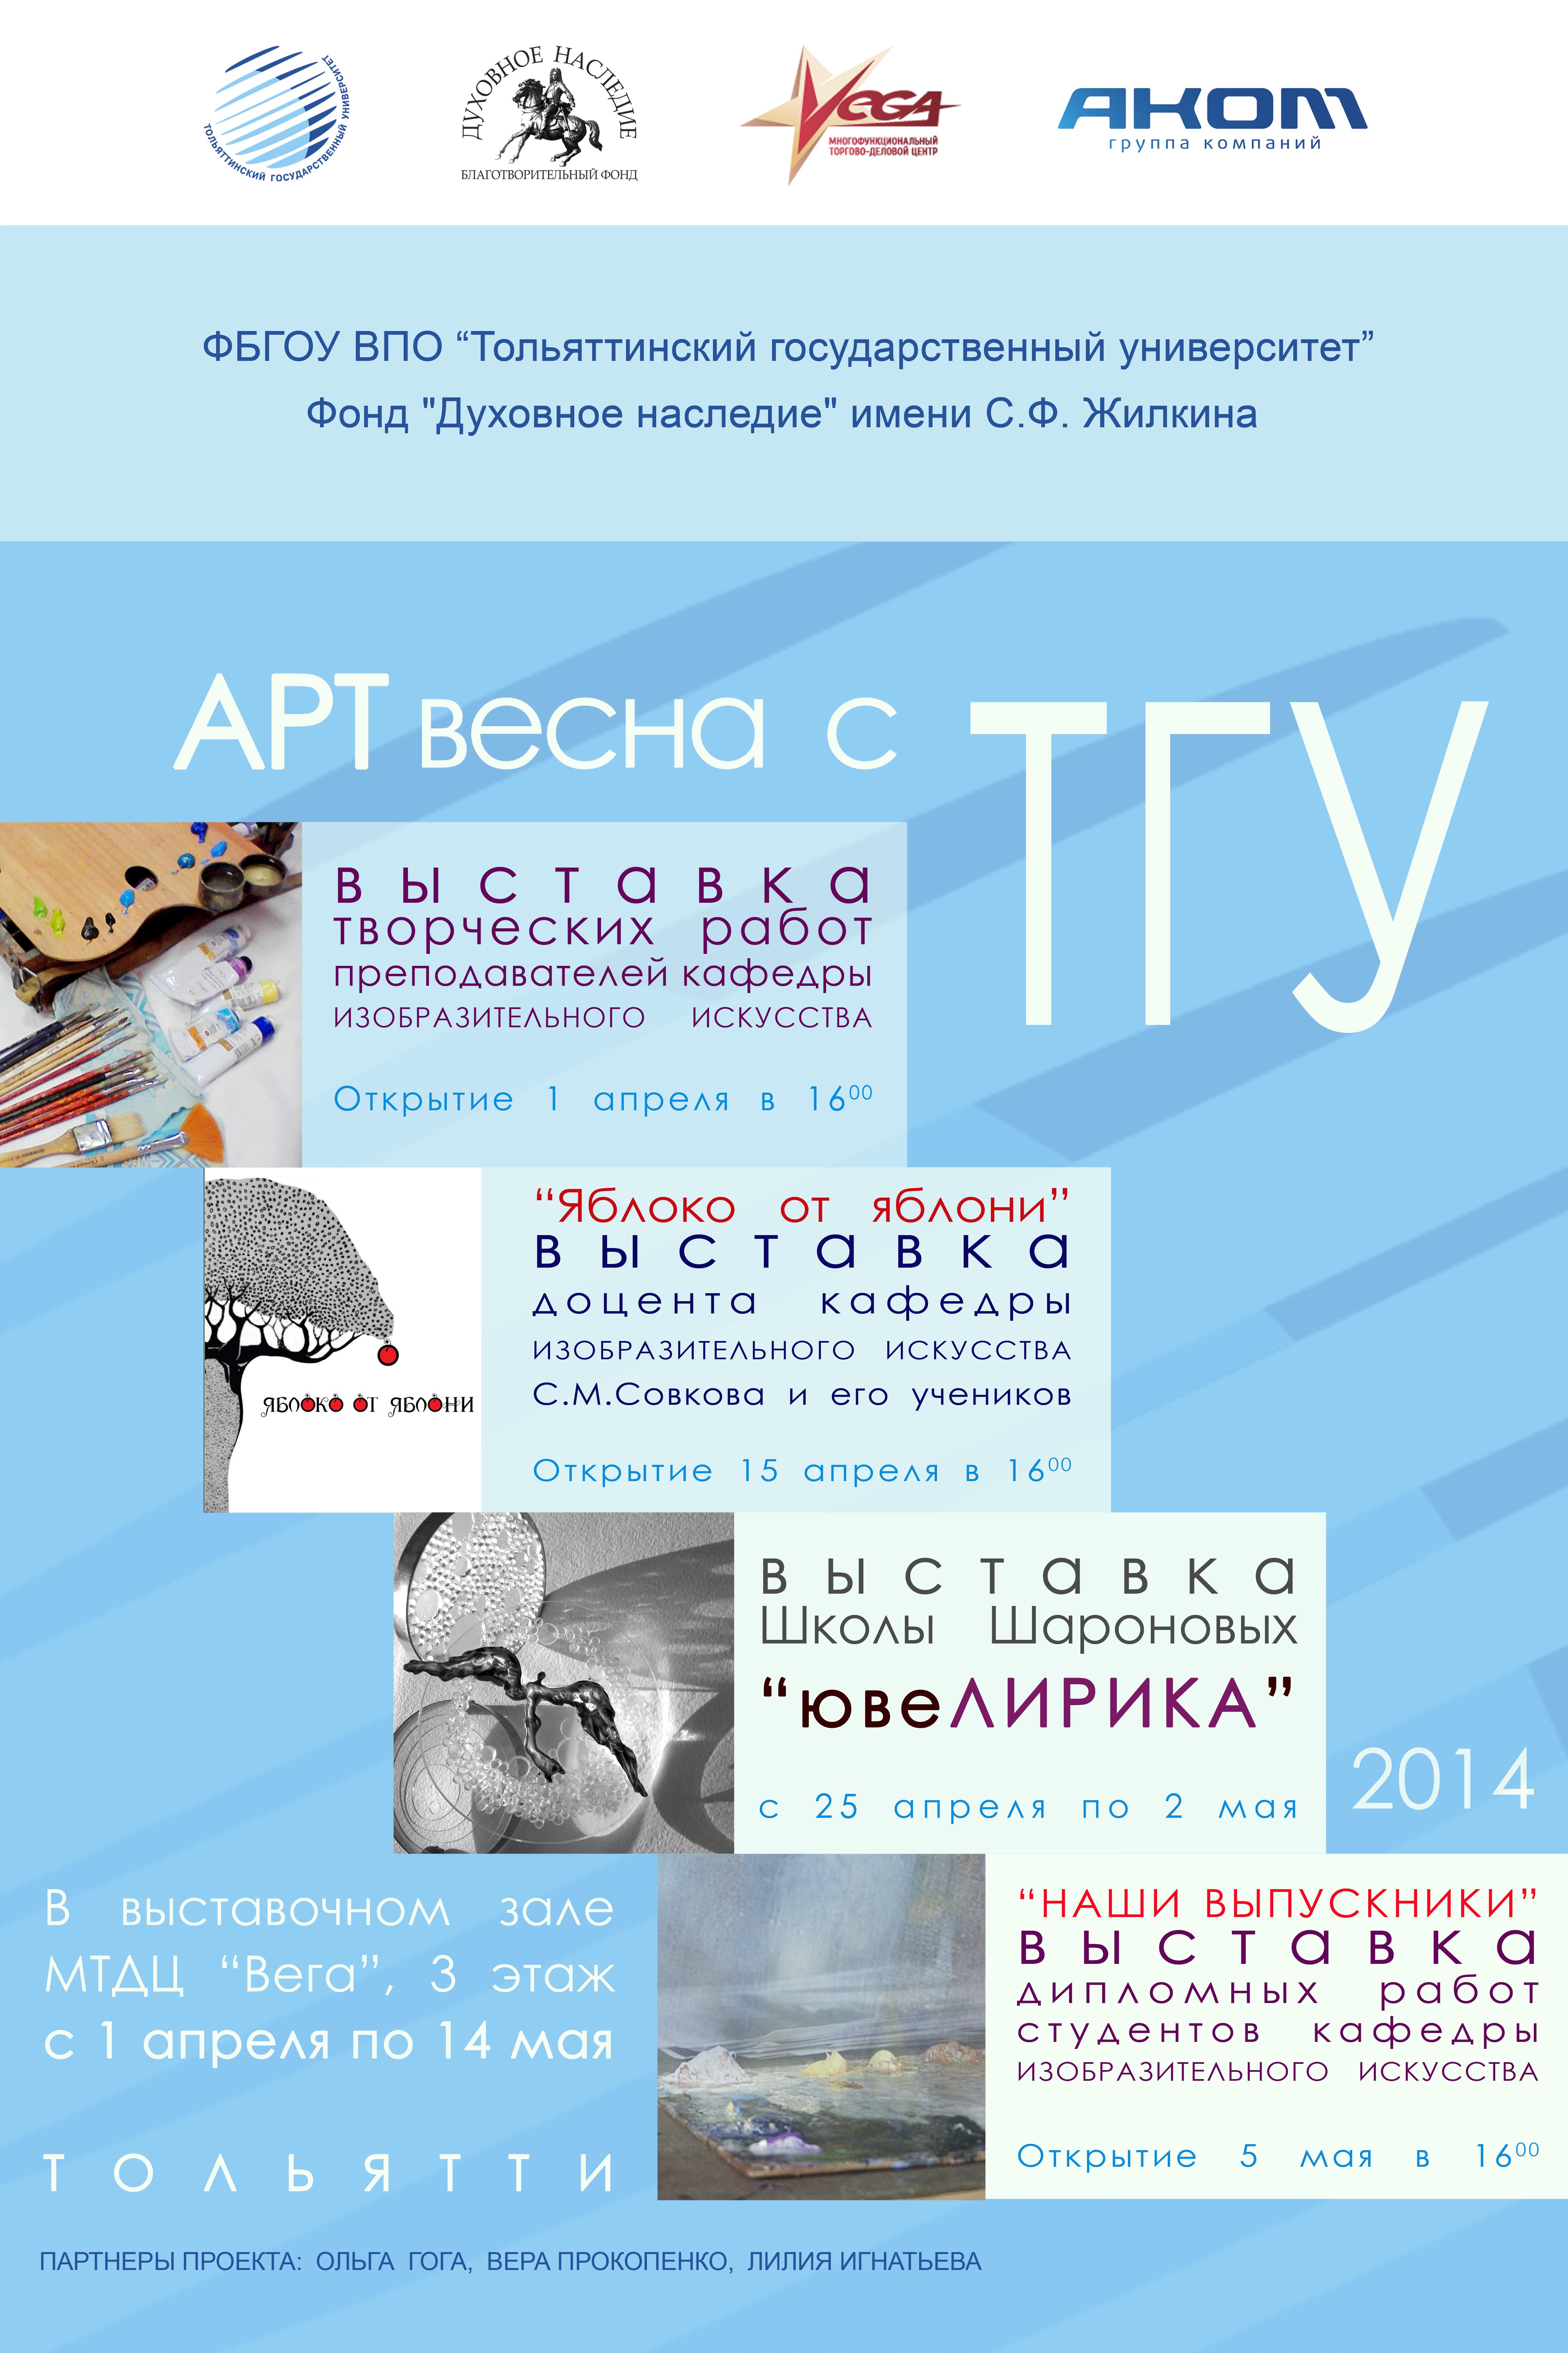 афиша АРТ-весна с ТГУ